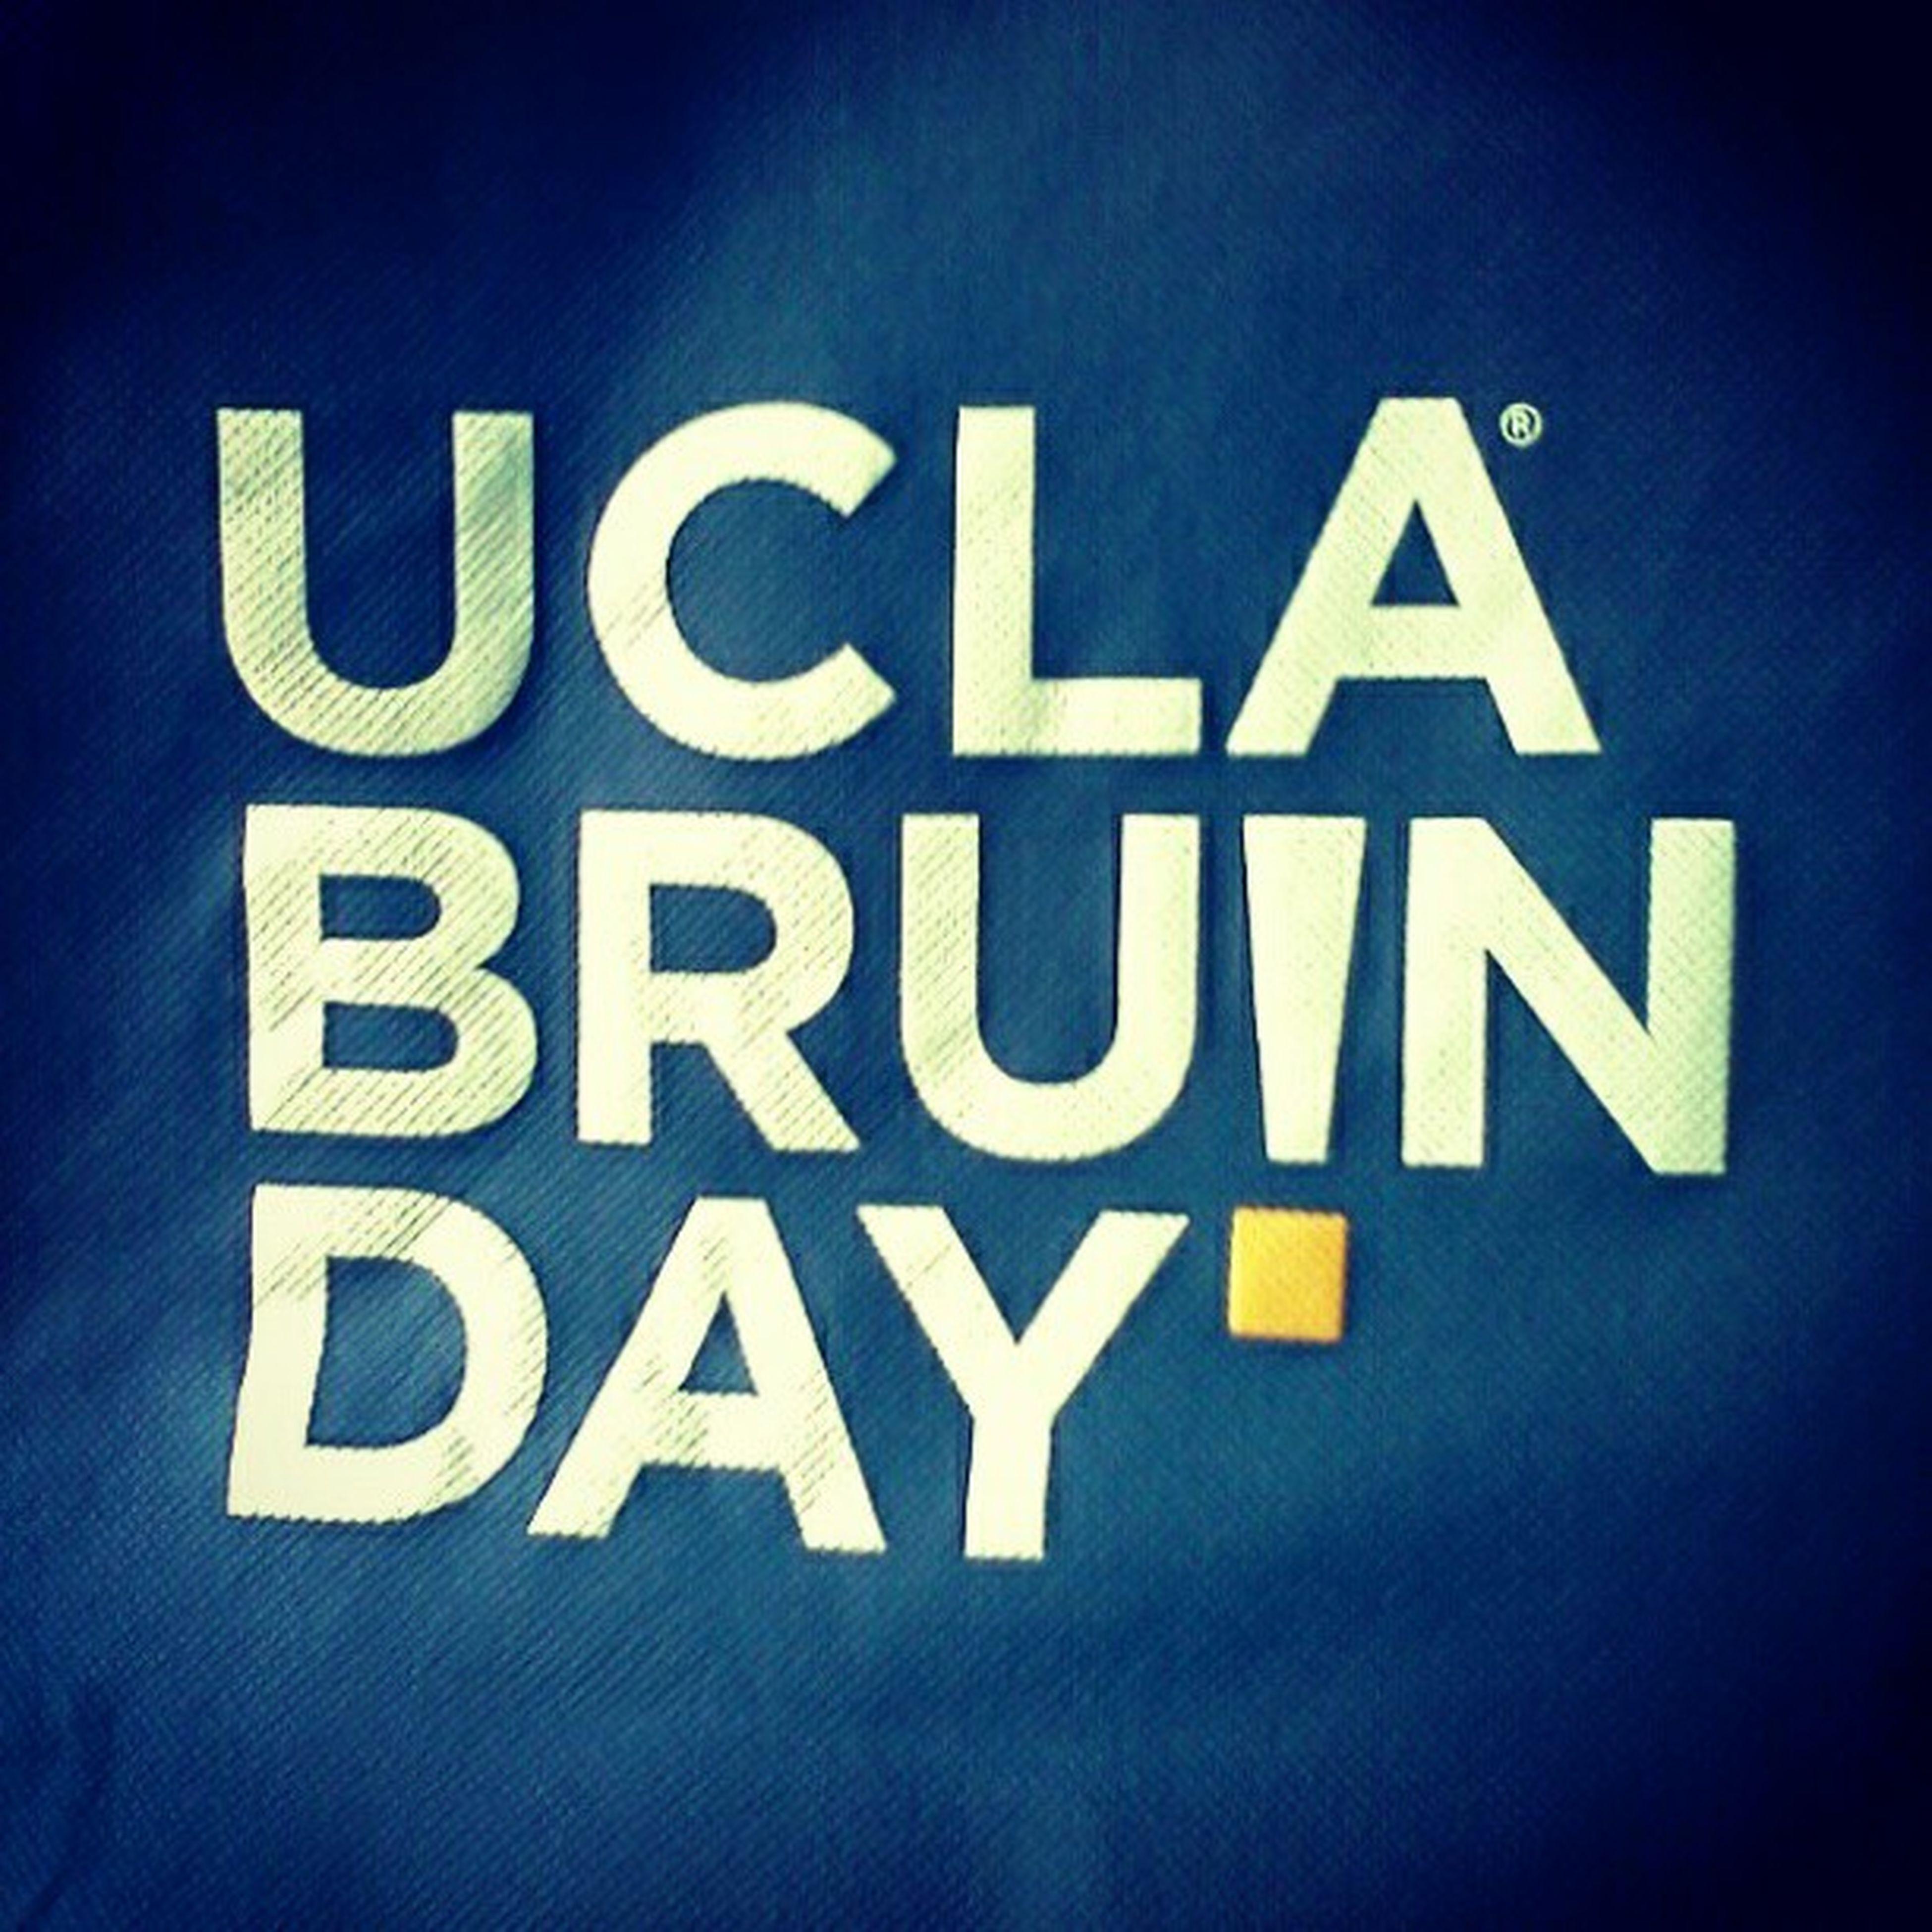 UCLA  Bruinday ! ^-^